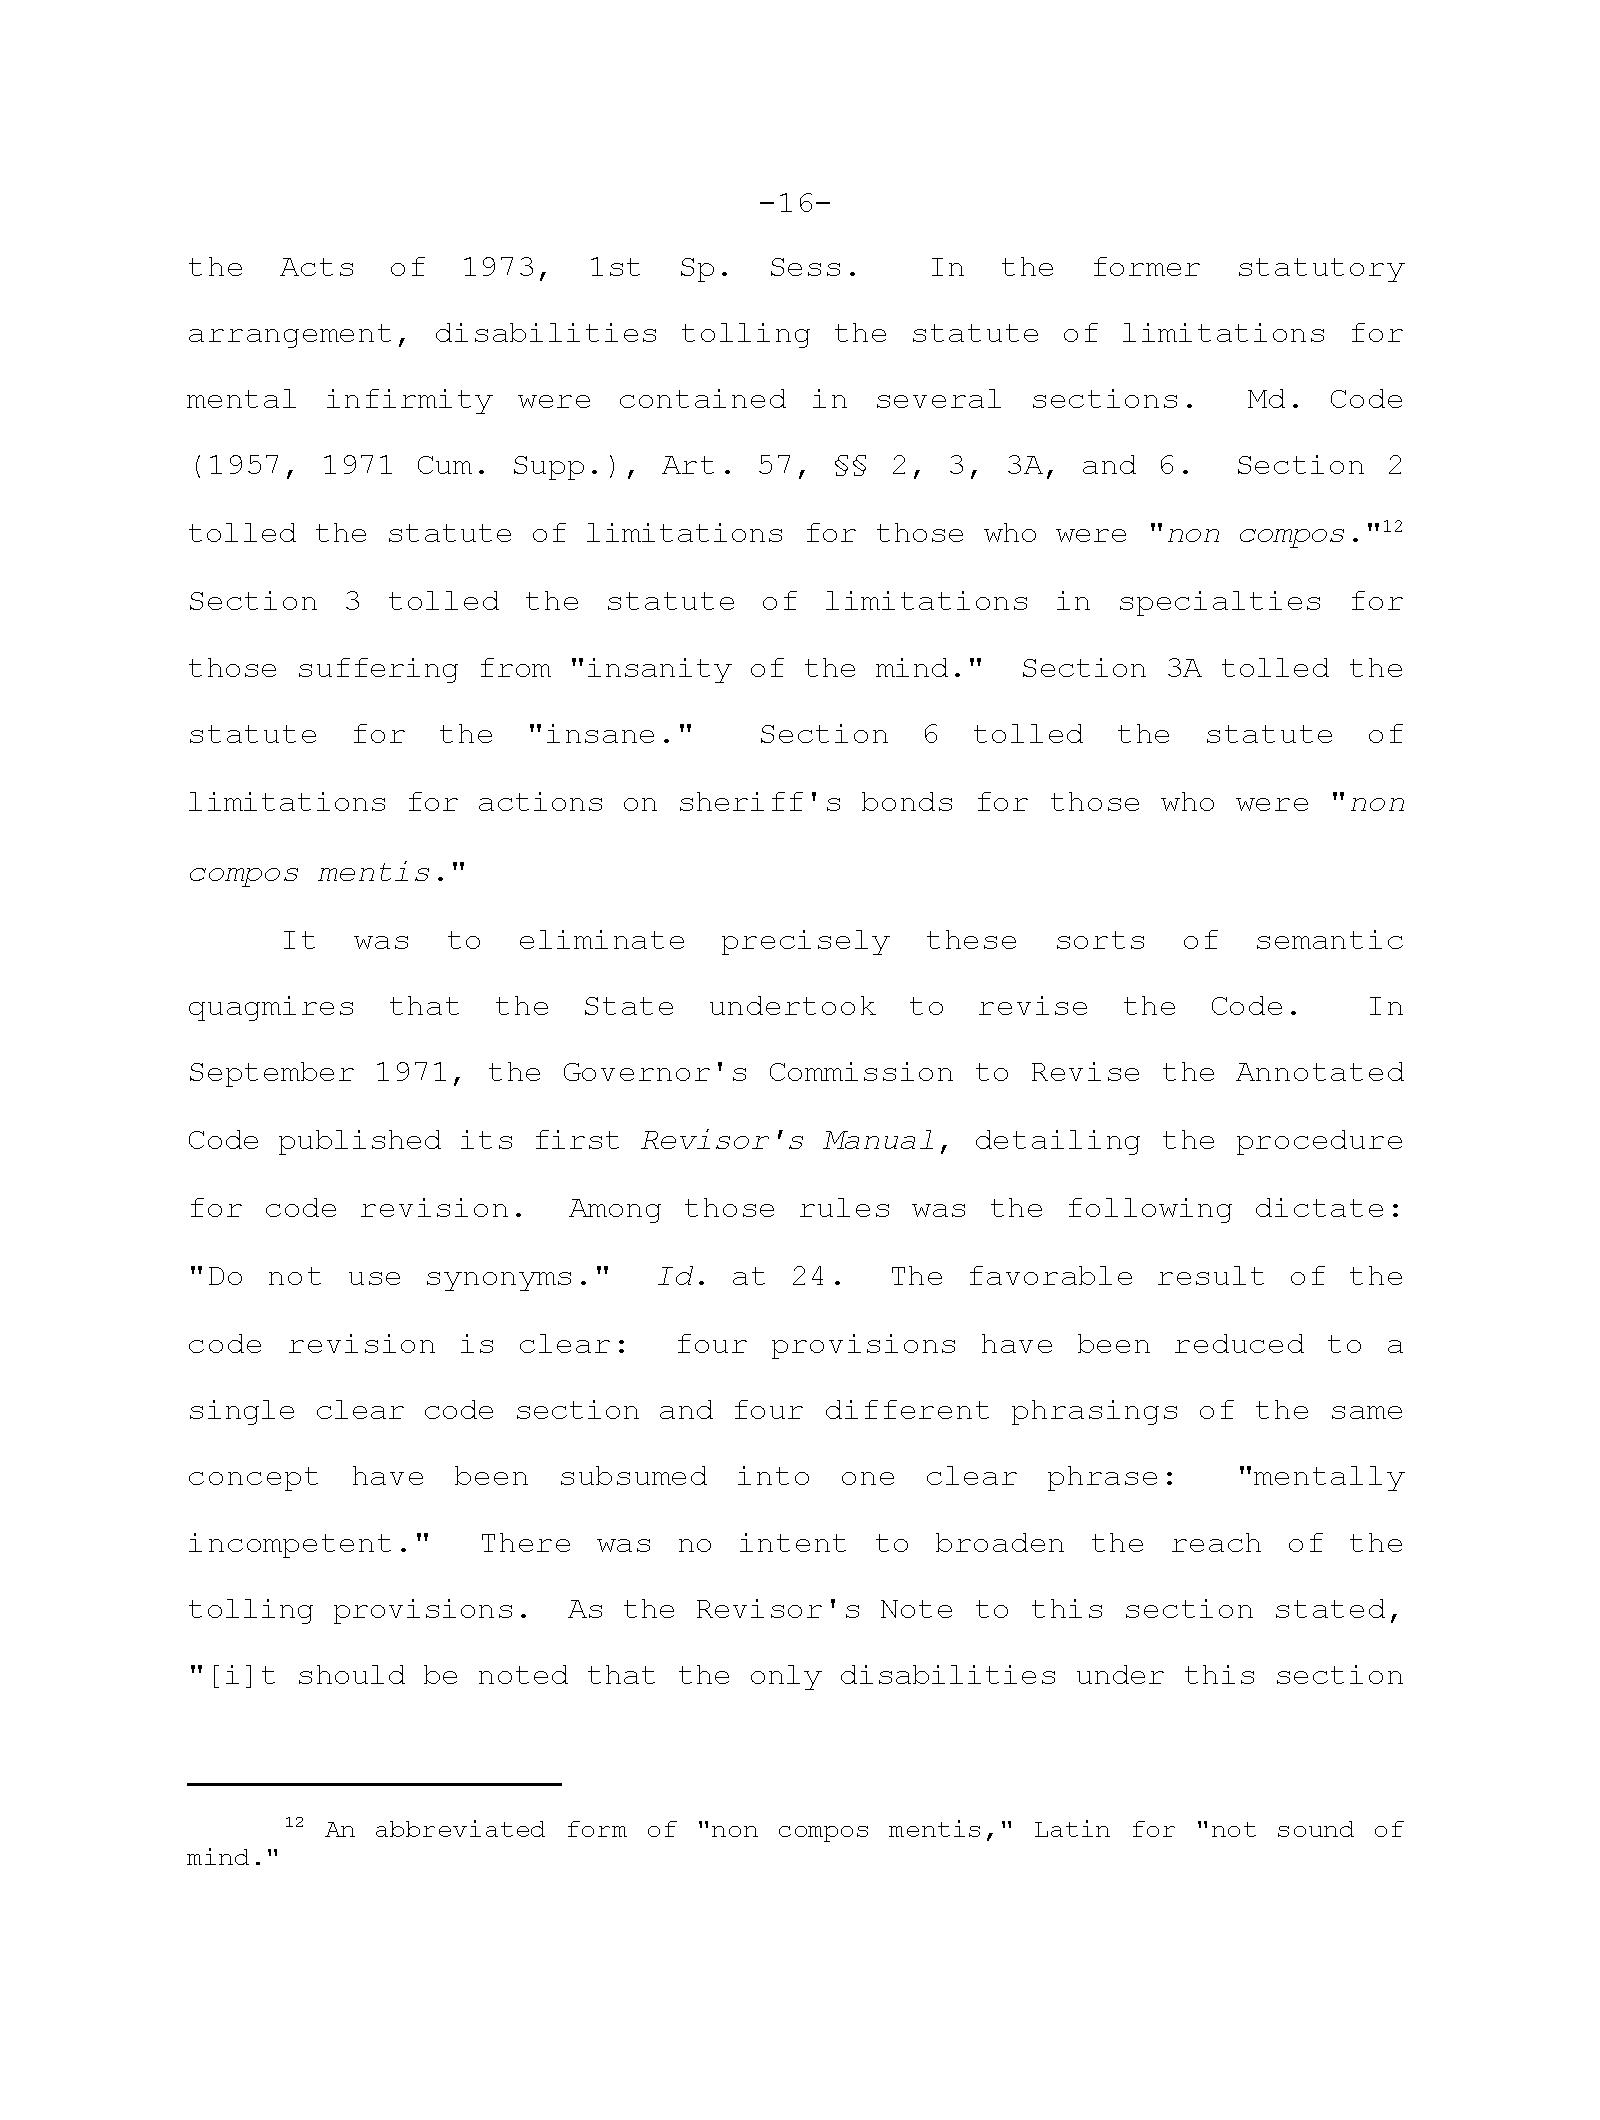 Copy of doe-v-maskelll18.png